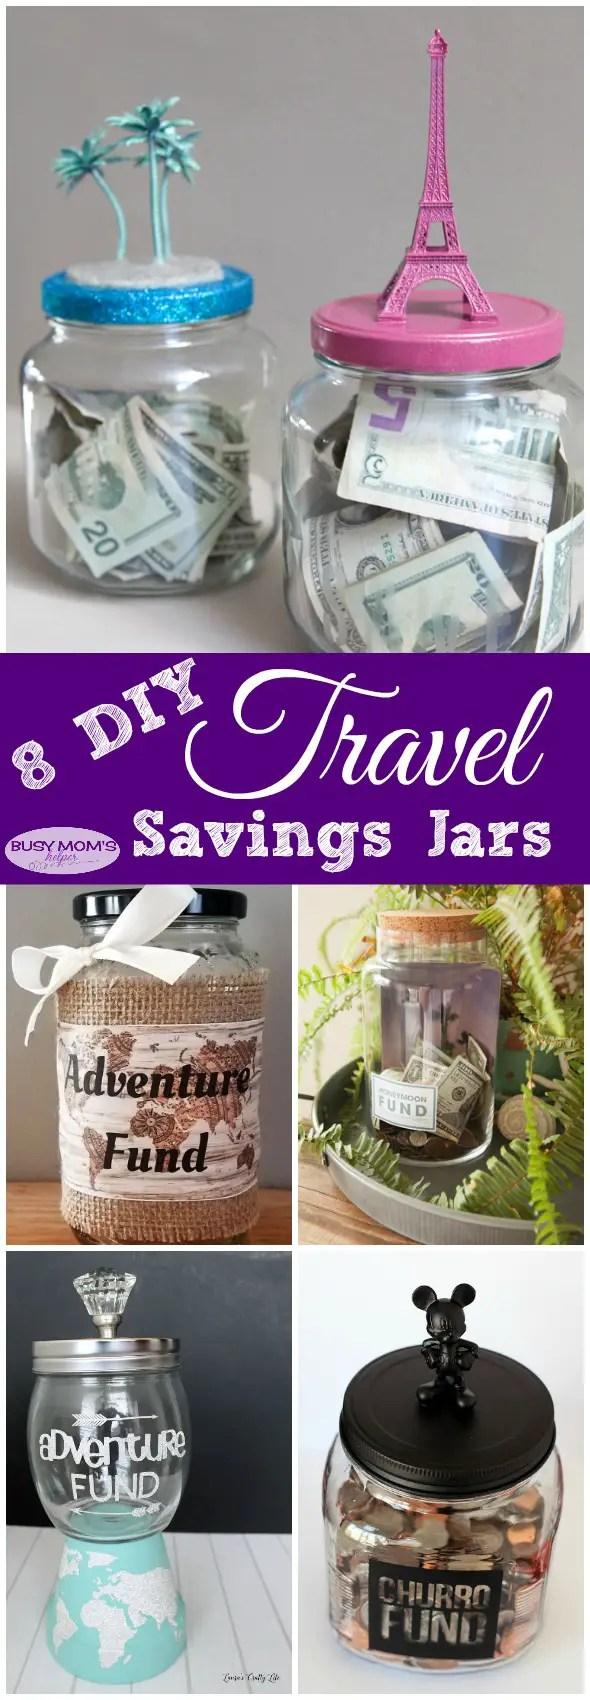 8 DIY Travel Savings Jars #roundup #travel #craft #diy #savings #money #savingsjar